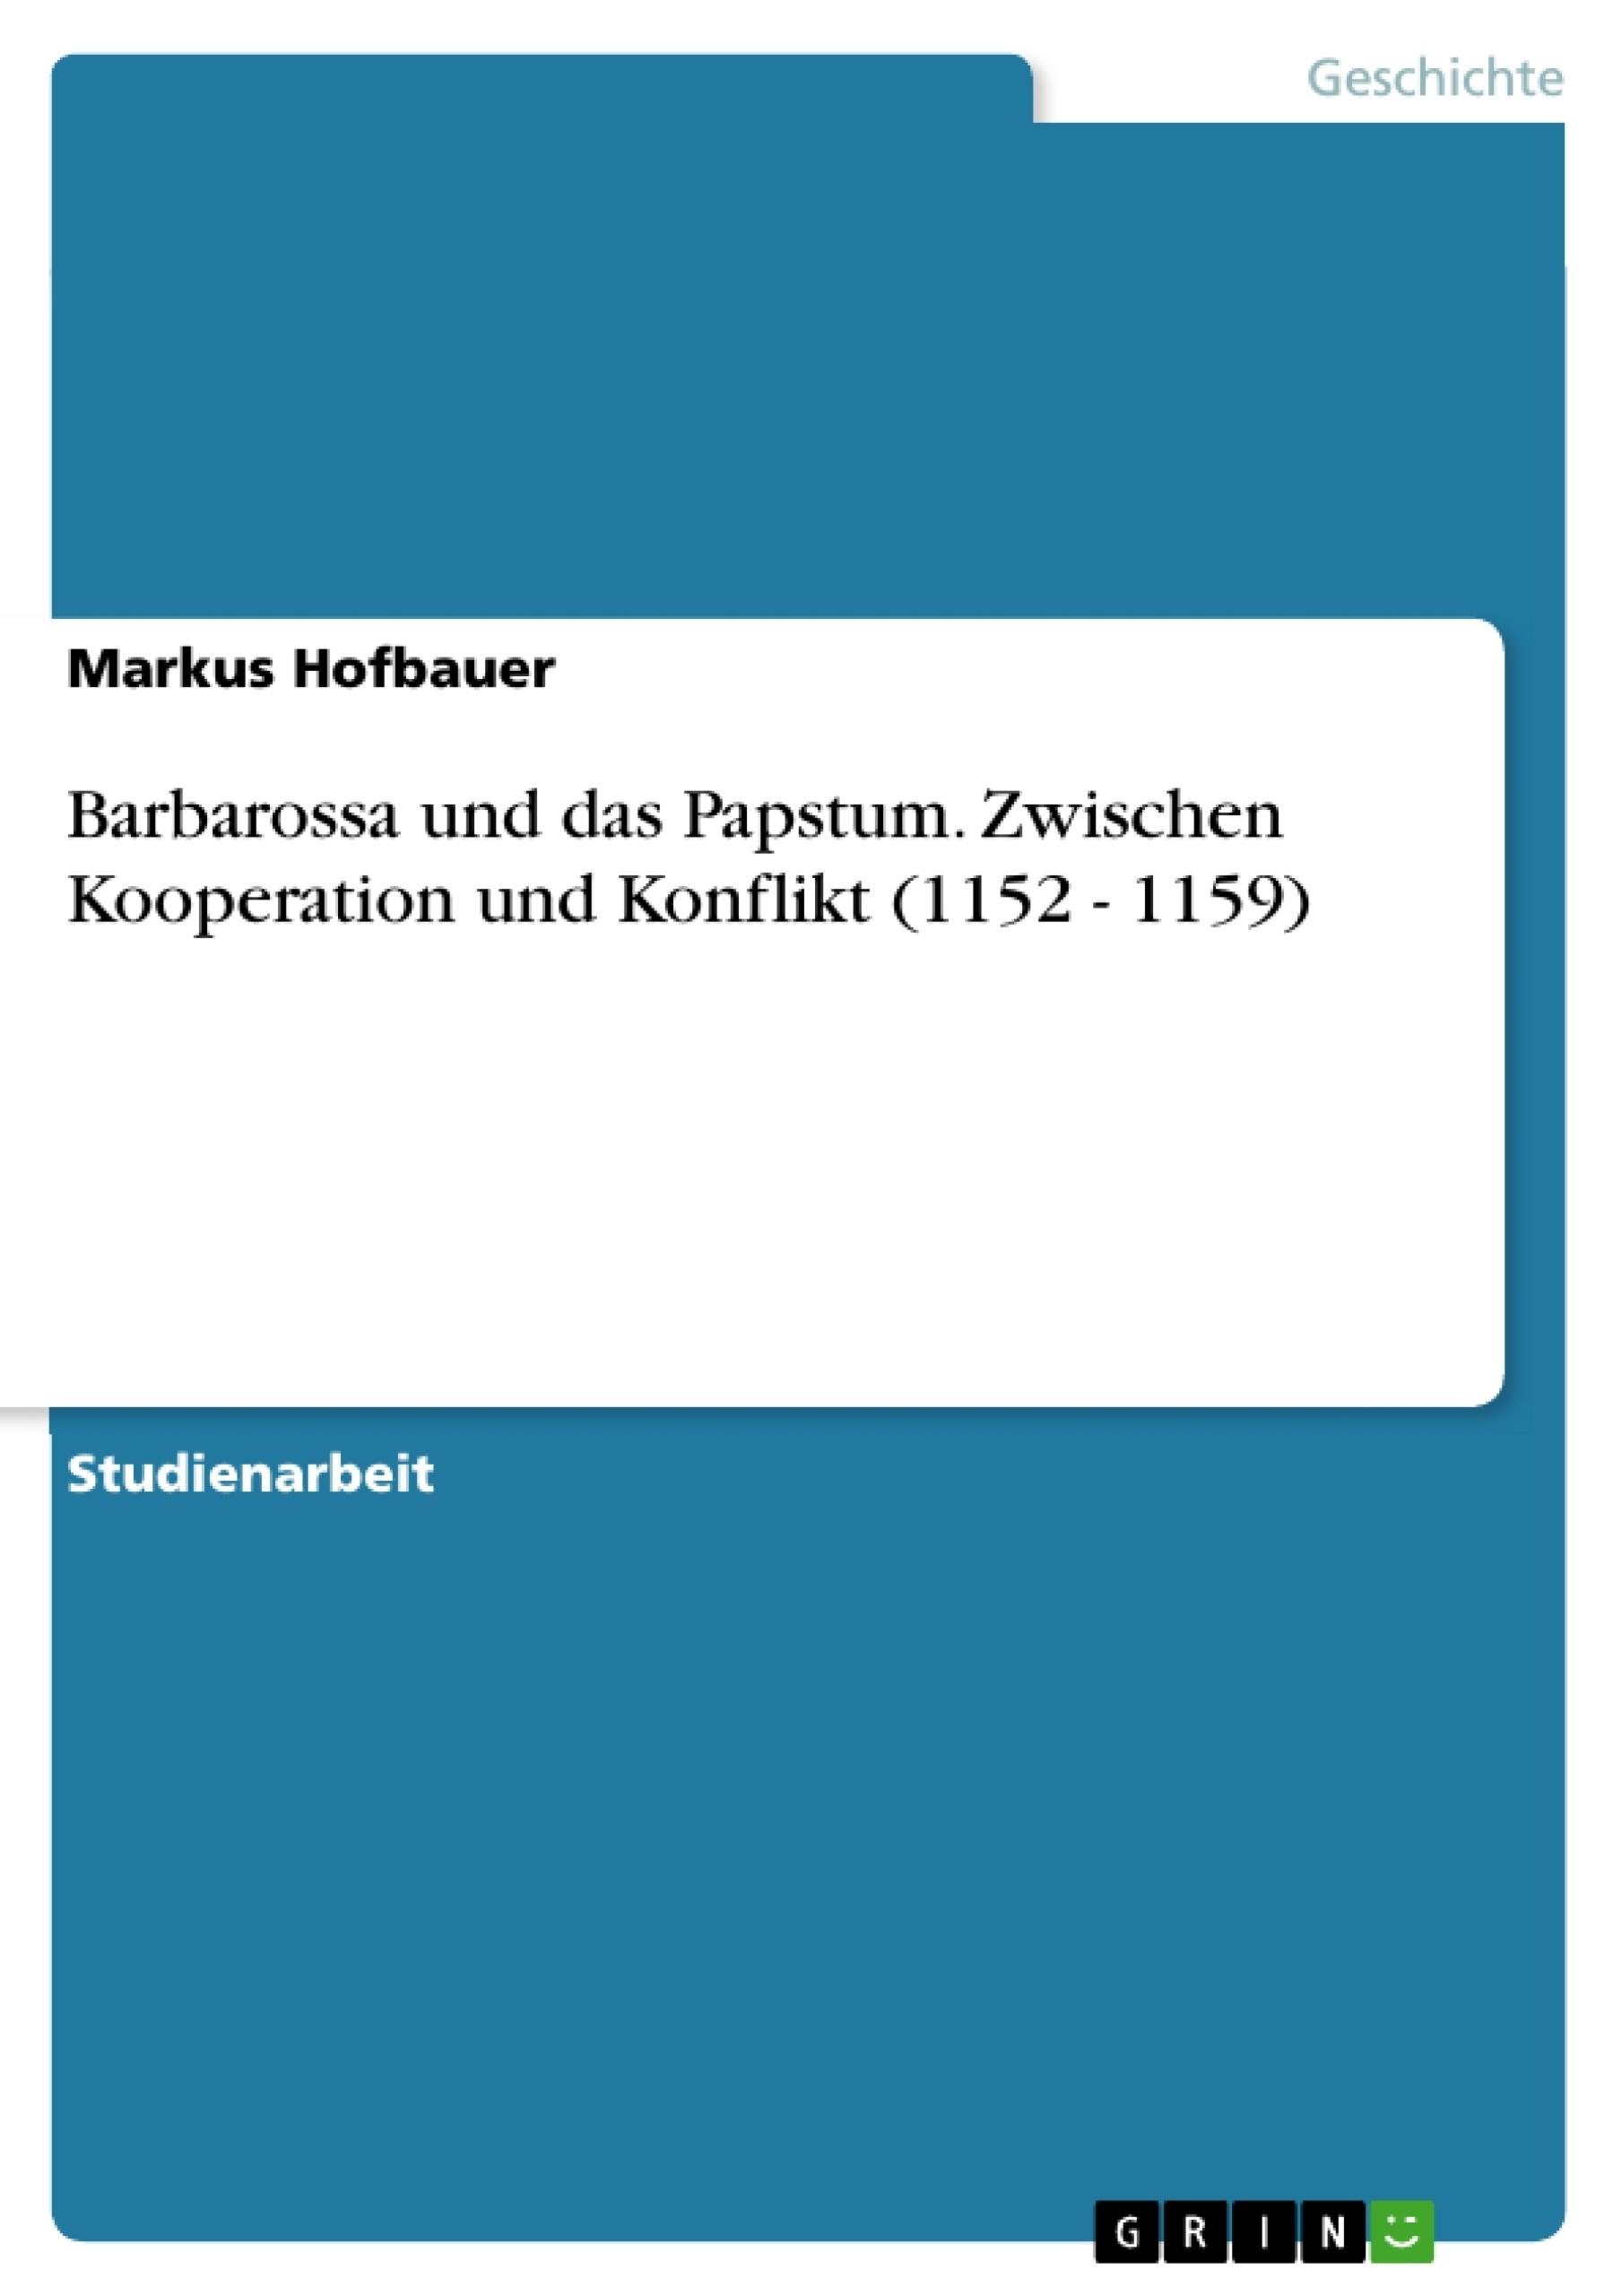 Titel: Barbarossa und das Papstum. Zwischen Kooperation und Konflikt (1152 - 1159)